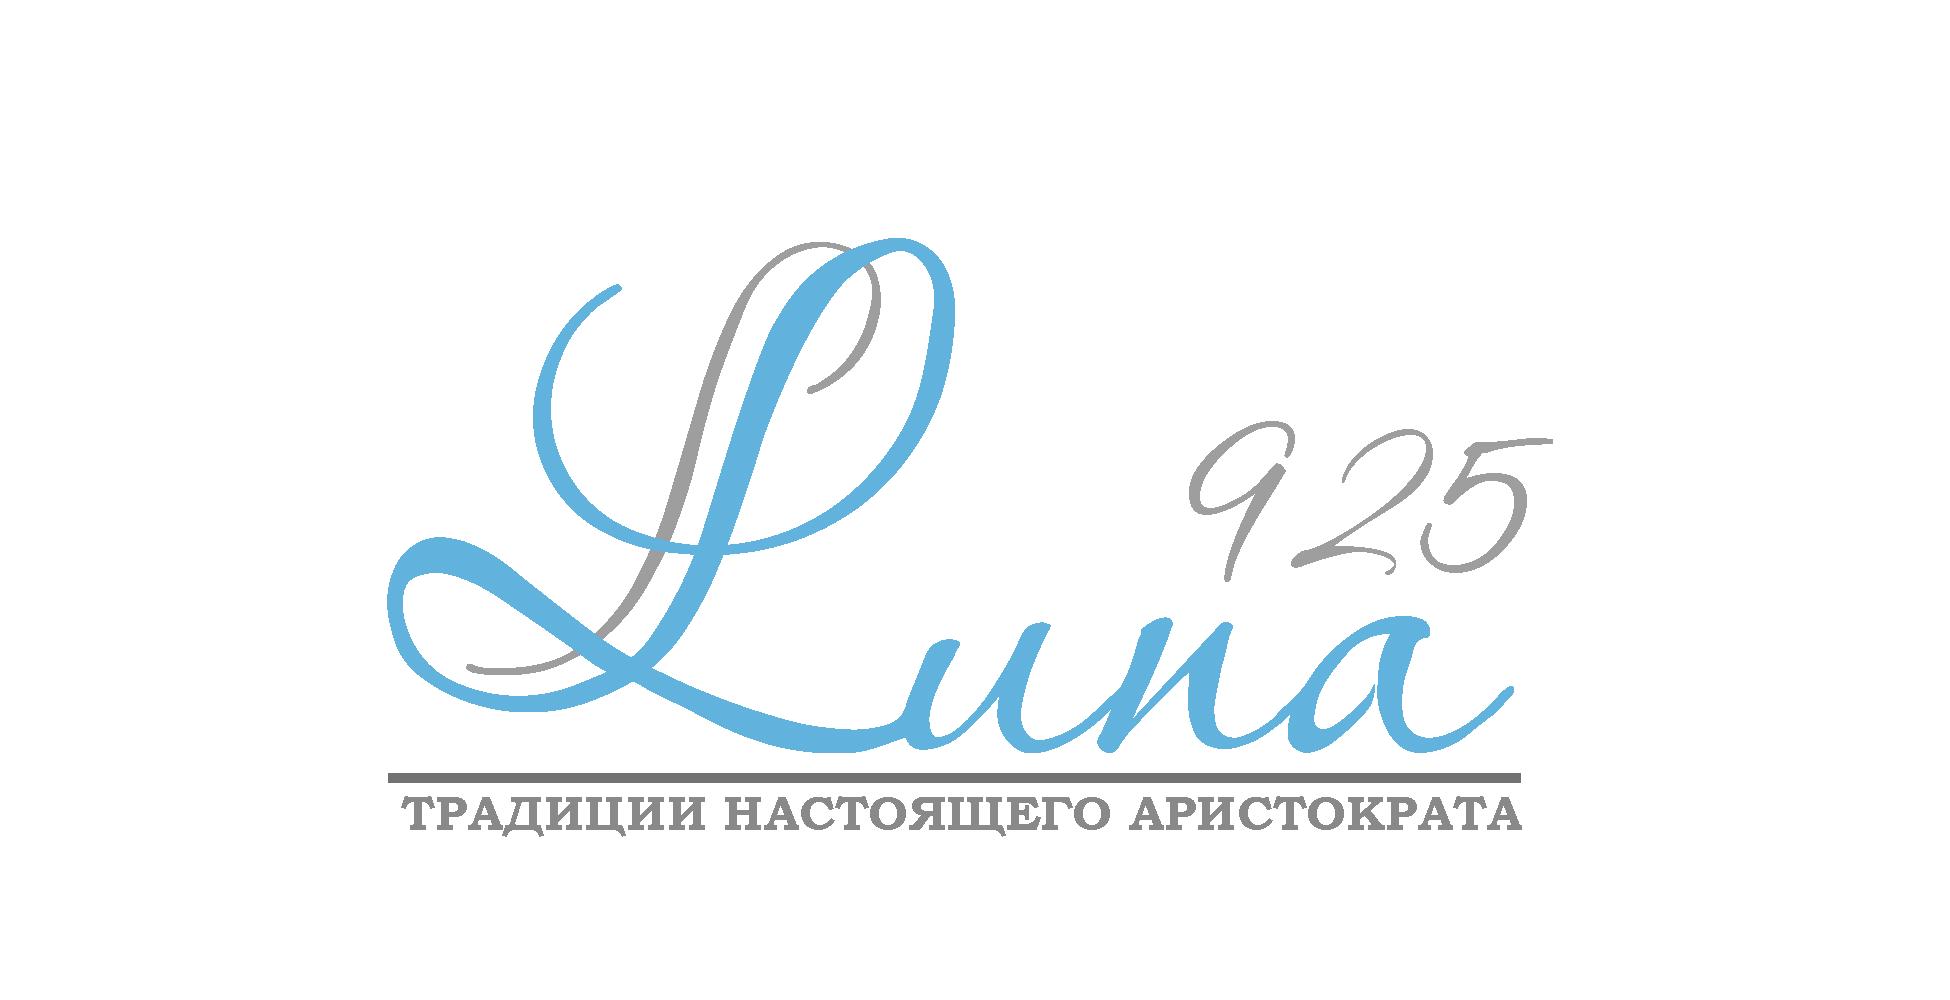 Логотип для столового серебра и посуды из серебра фото f_8615babe61a9bcb5.png